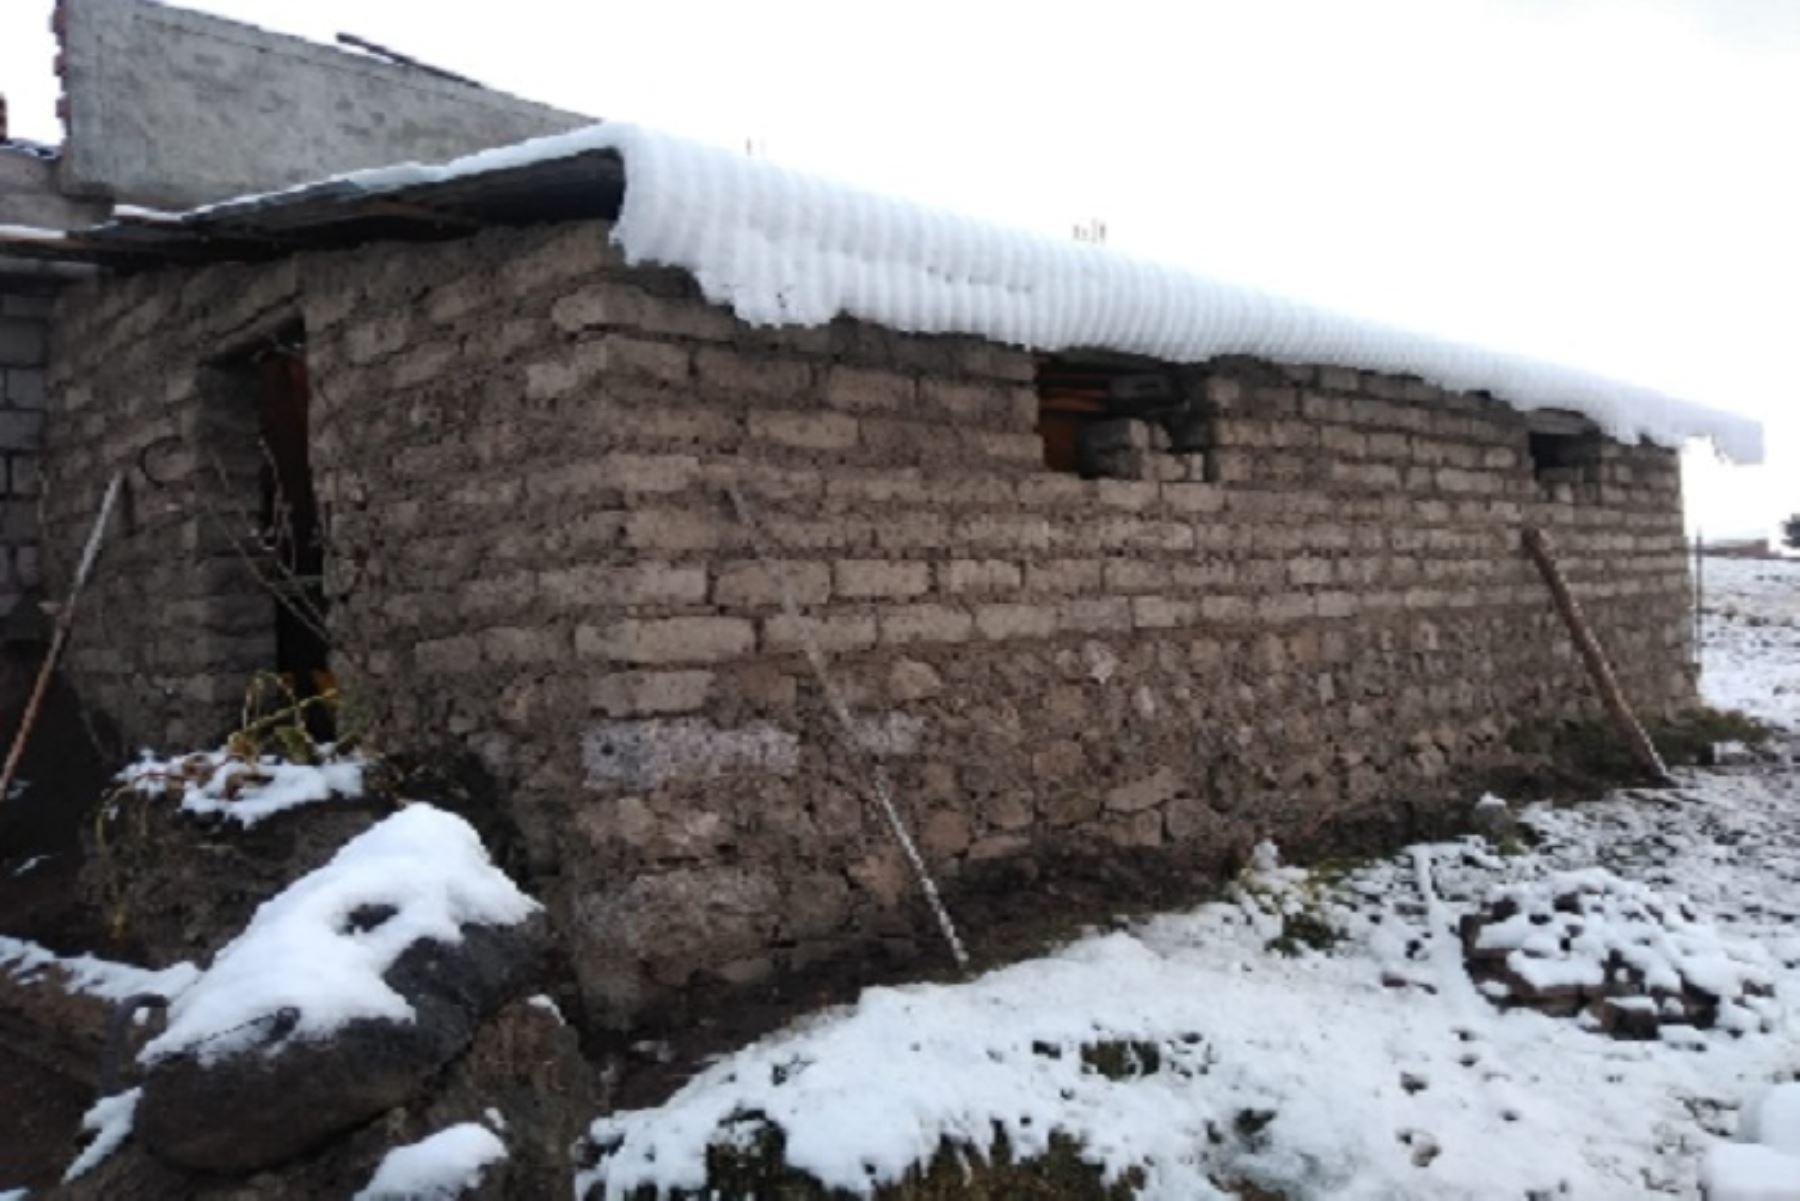 La sierra de 16 regiones en alerta desde hoy por caída de nieve, granizo y fuertes lluvias